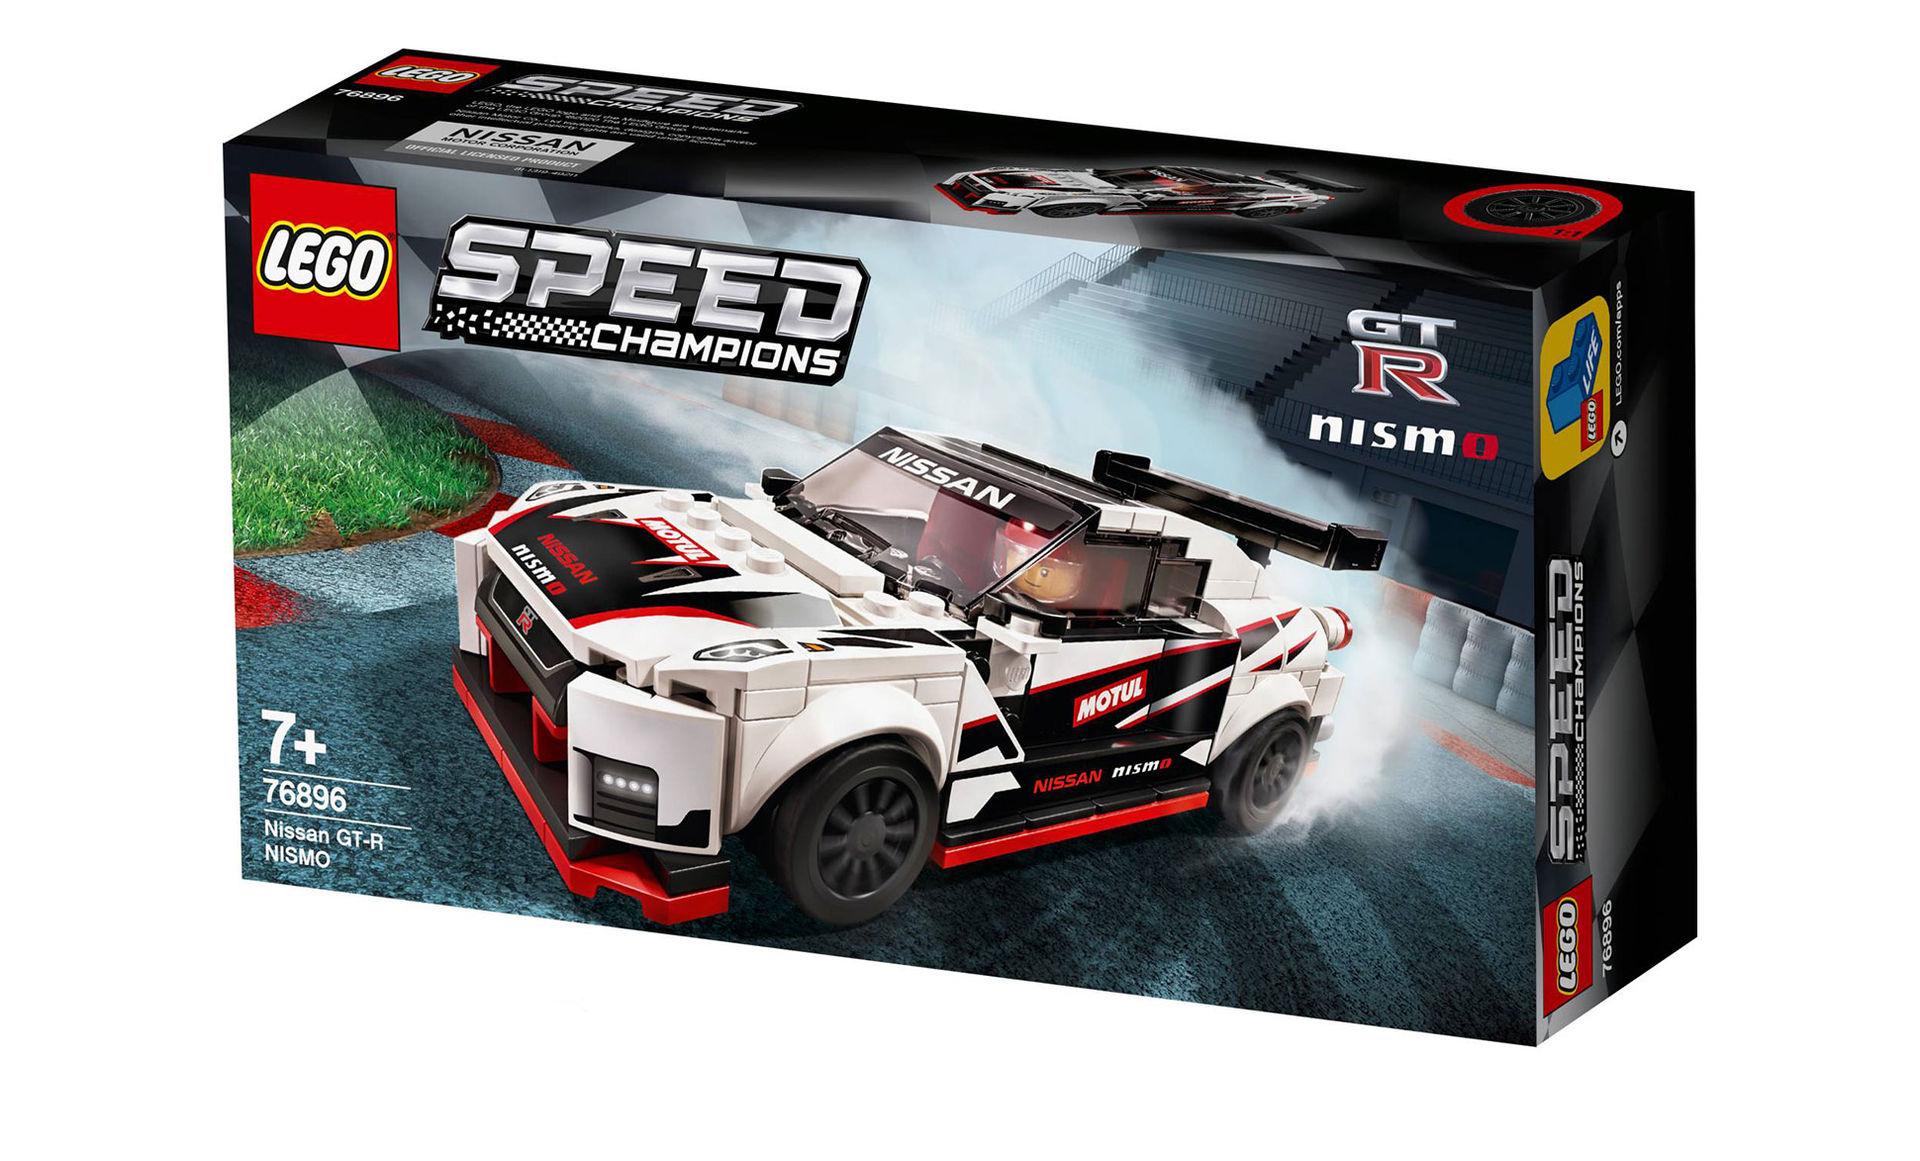 Nissan GT-R Nismo snart här som Lego